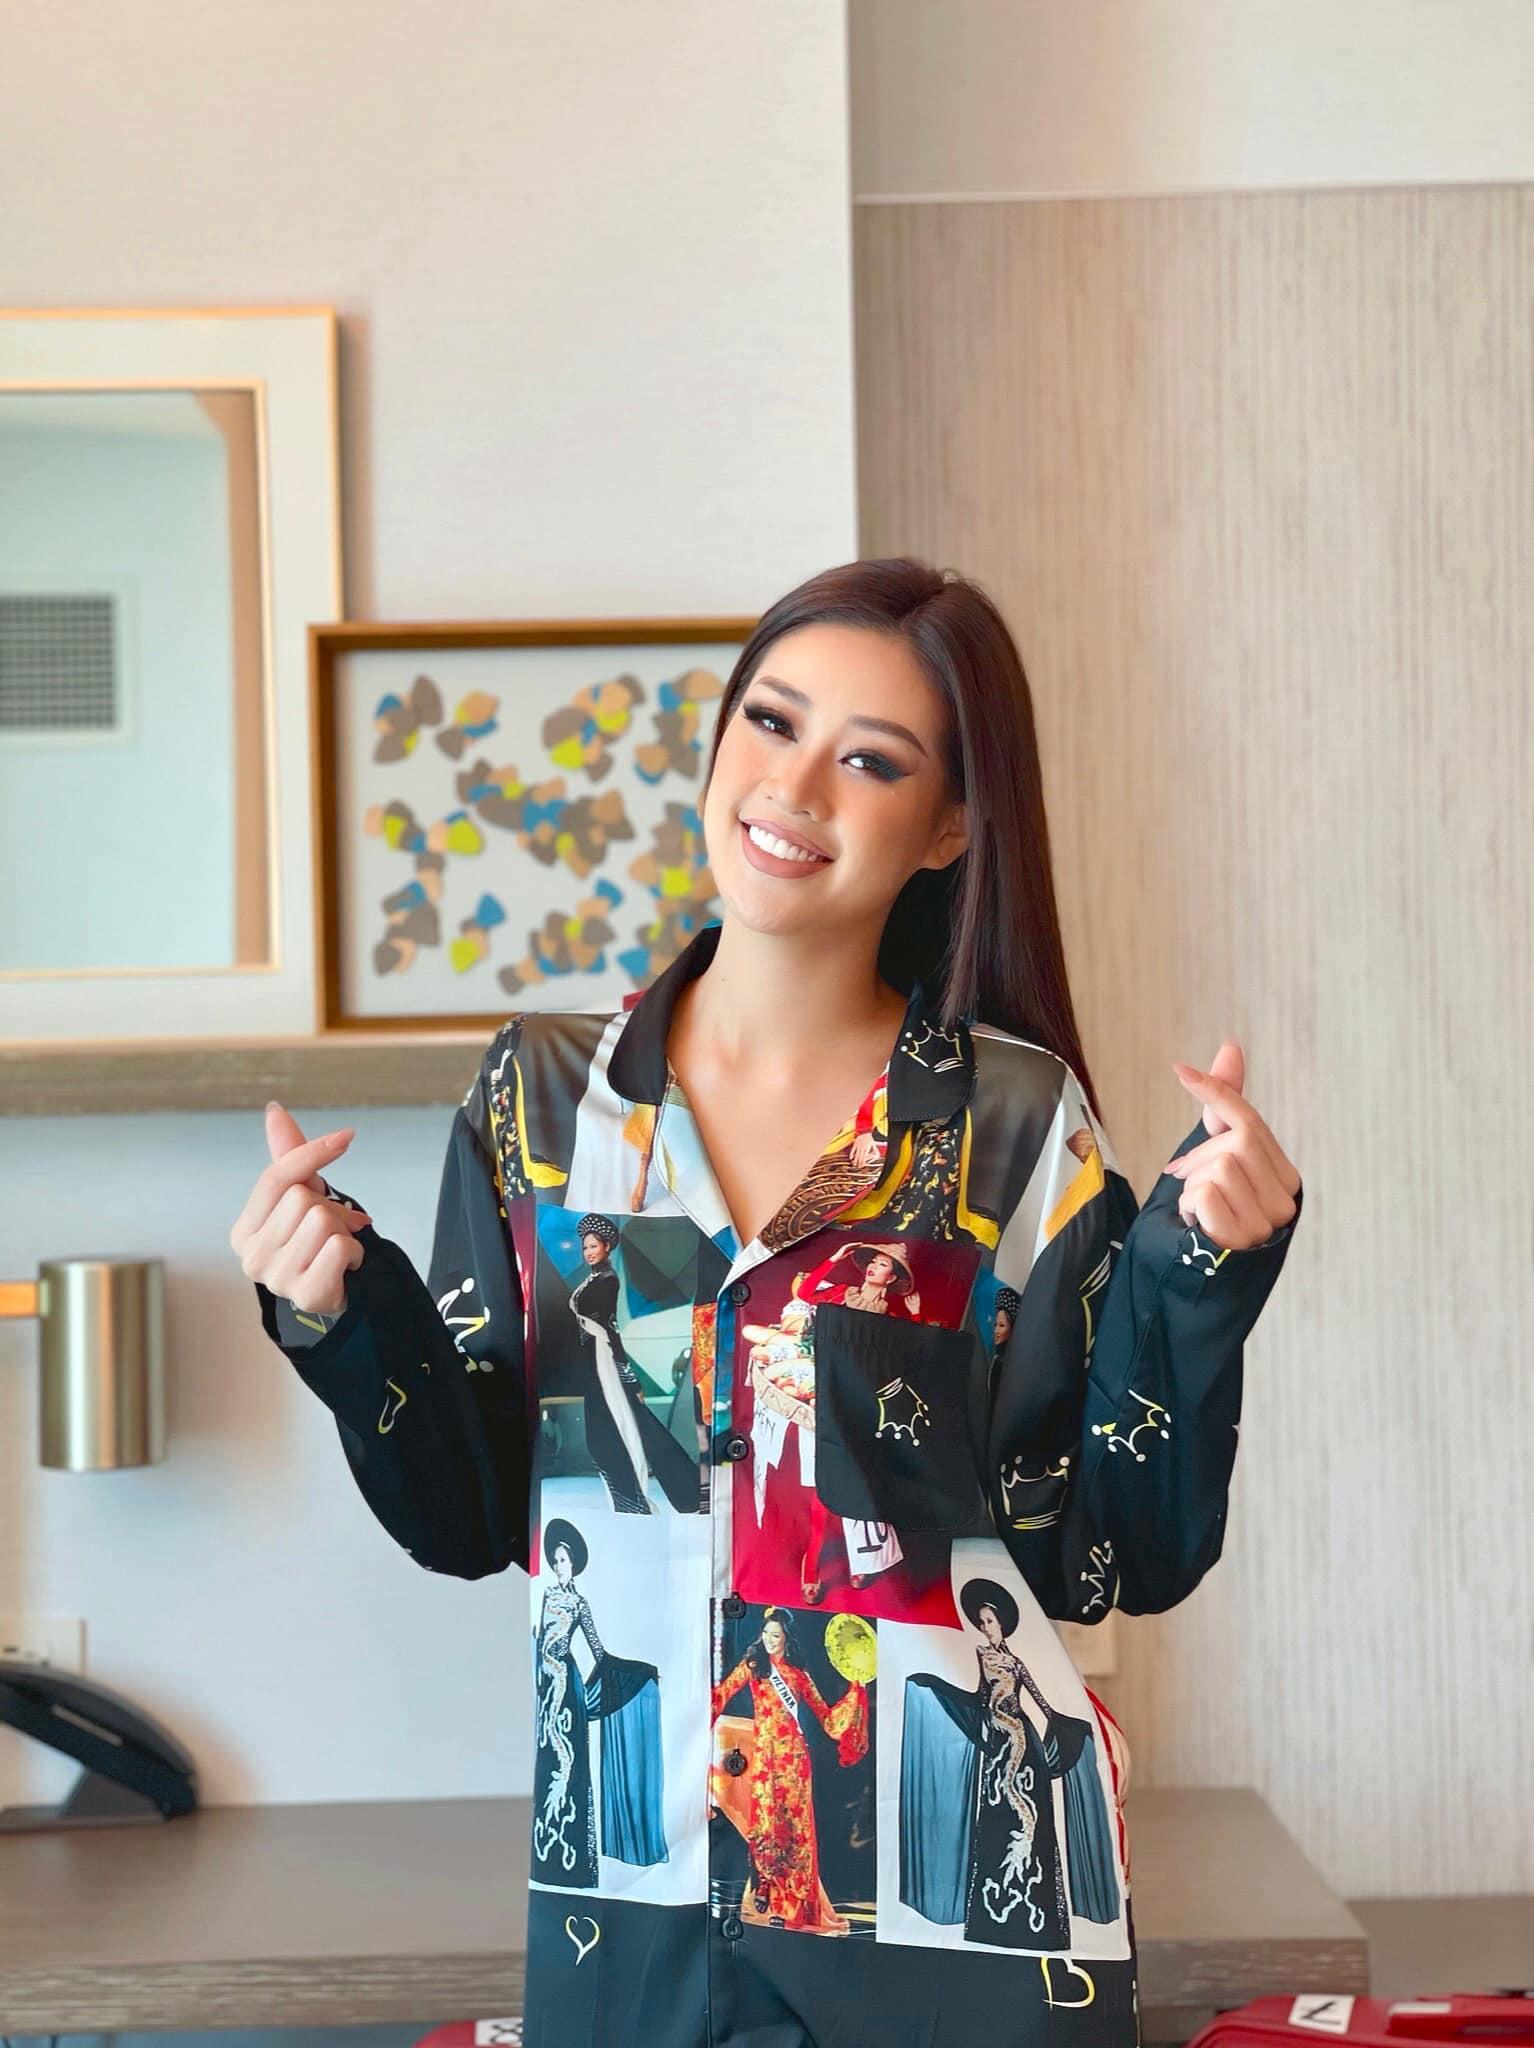 Hoa hậu Khánh Vân ghi điểm tại Miss Universe nhờ một hành động nhỏ - Ảnh 3.